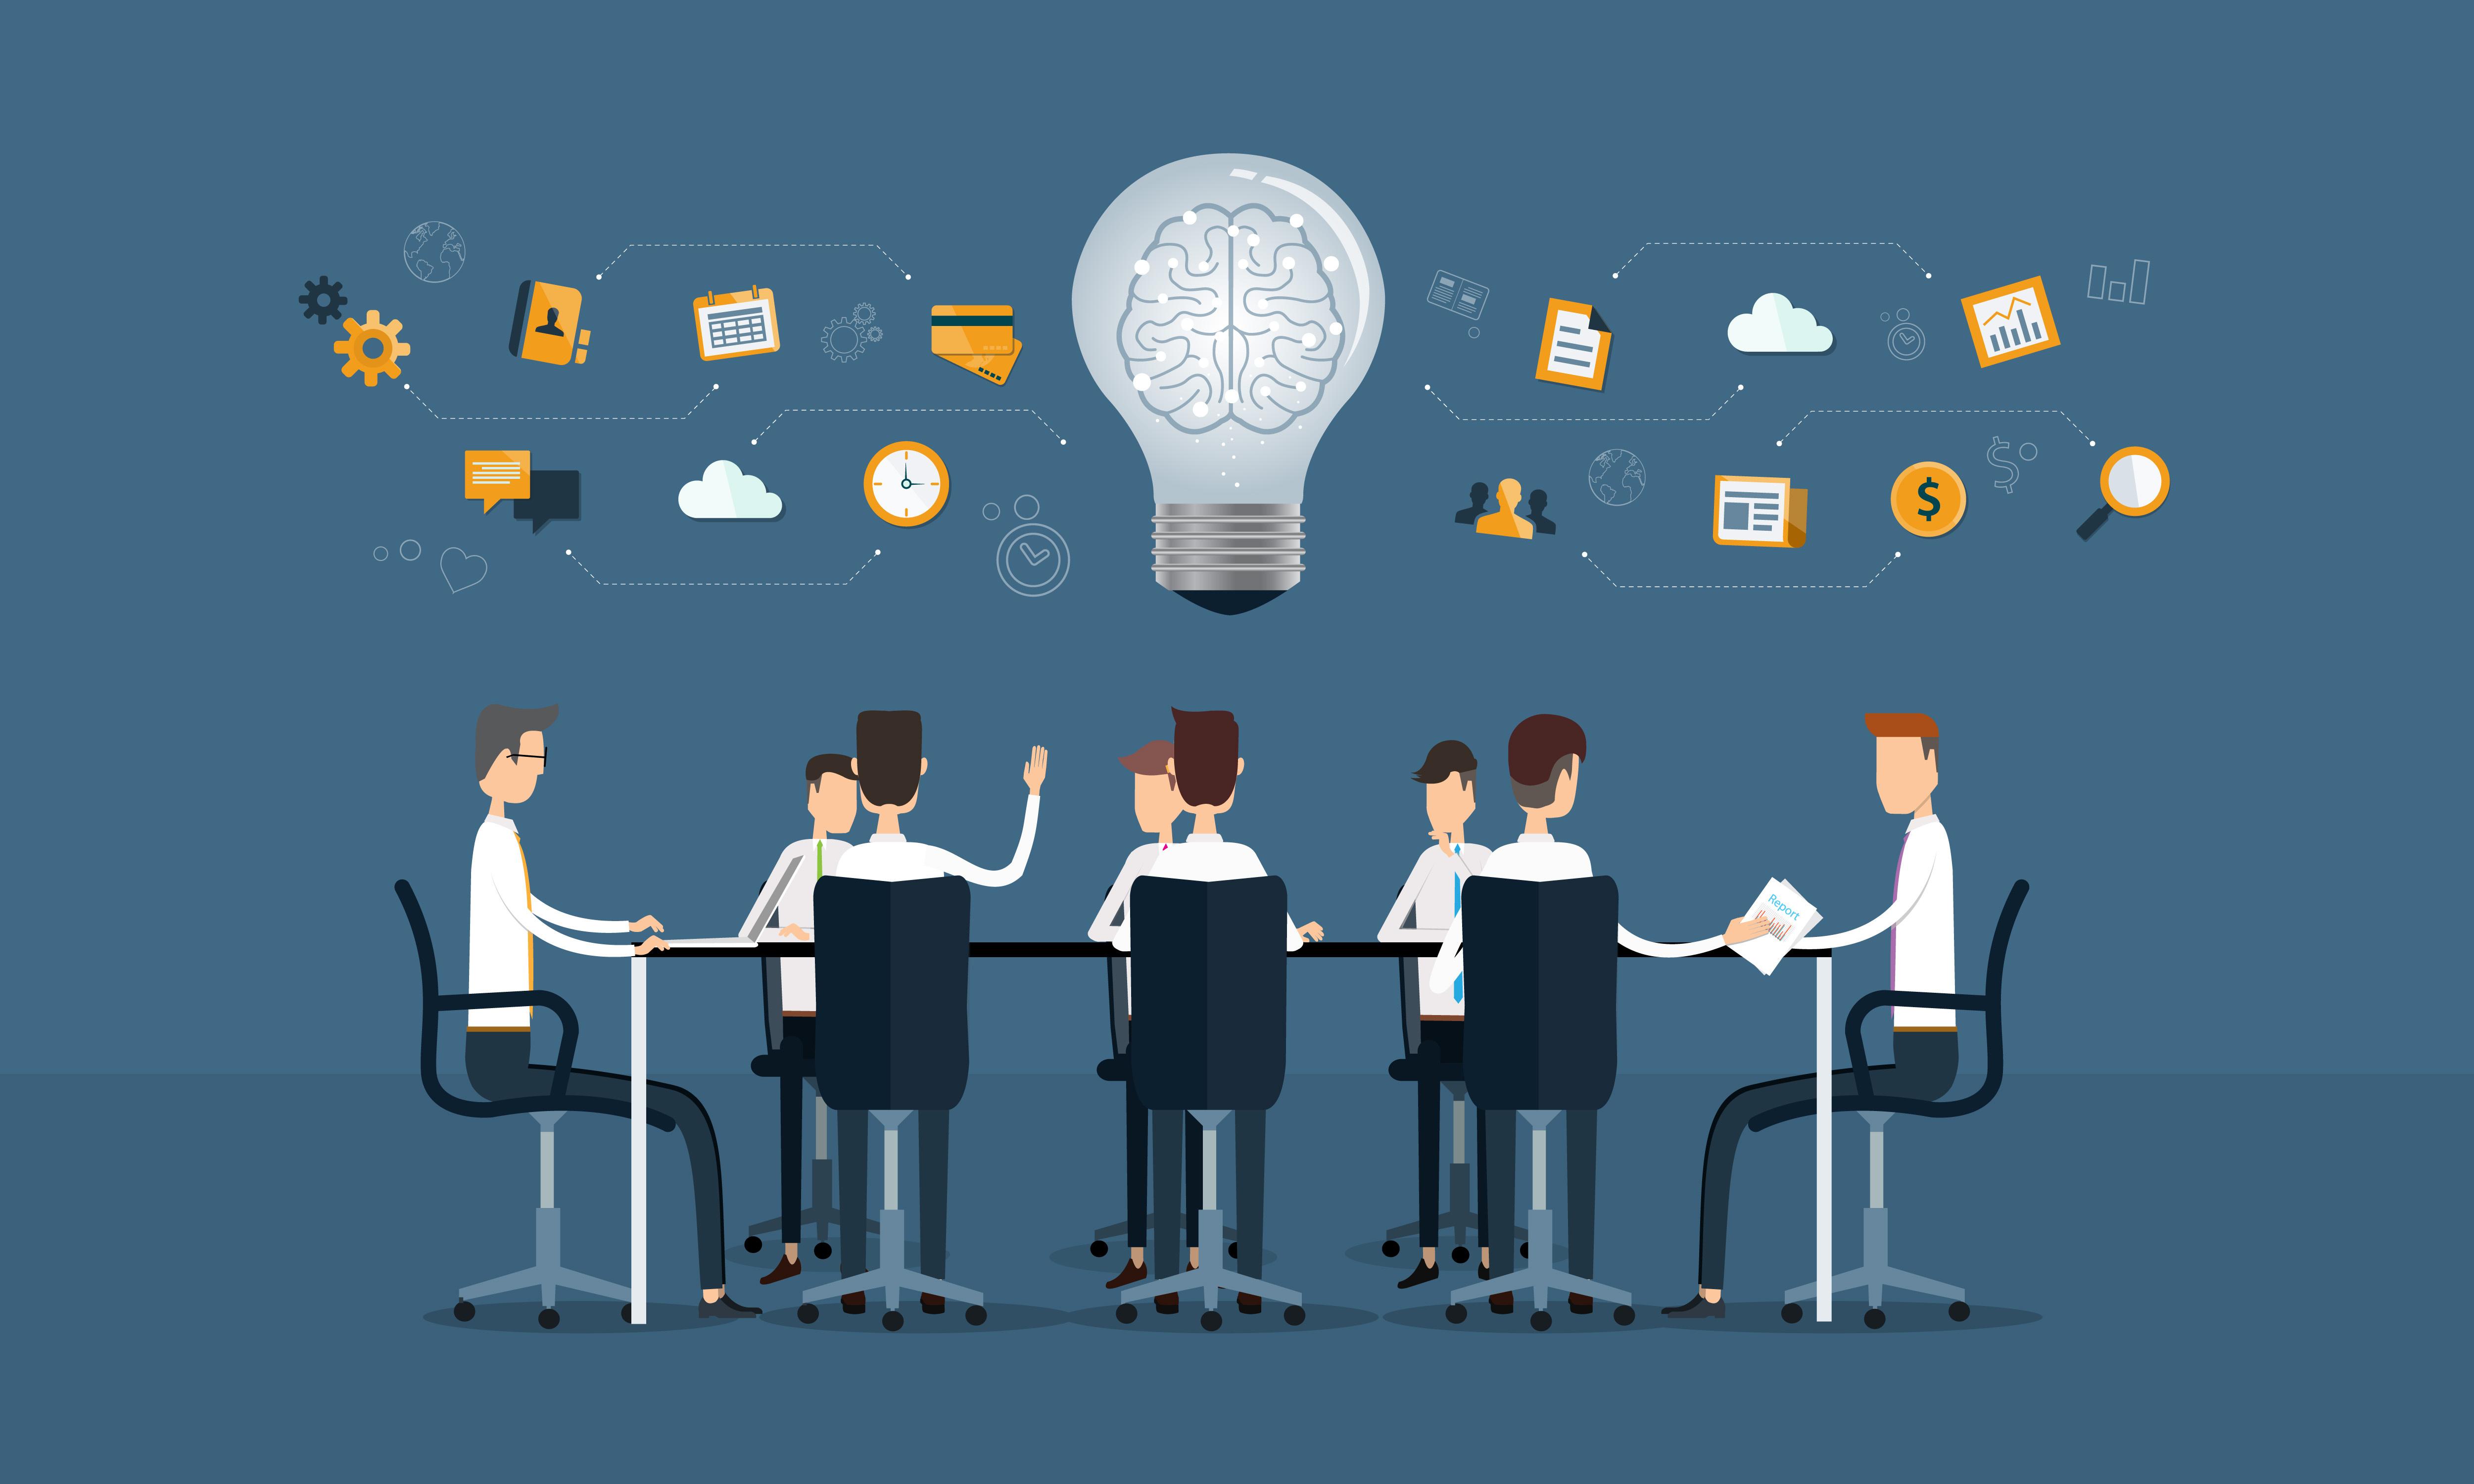 با کارمندان با تجربه تر و مسن تر چگونه برخورد کنیم؟